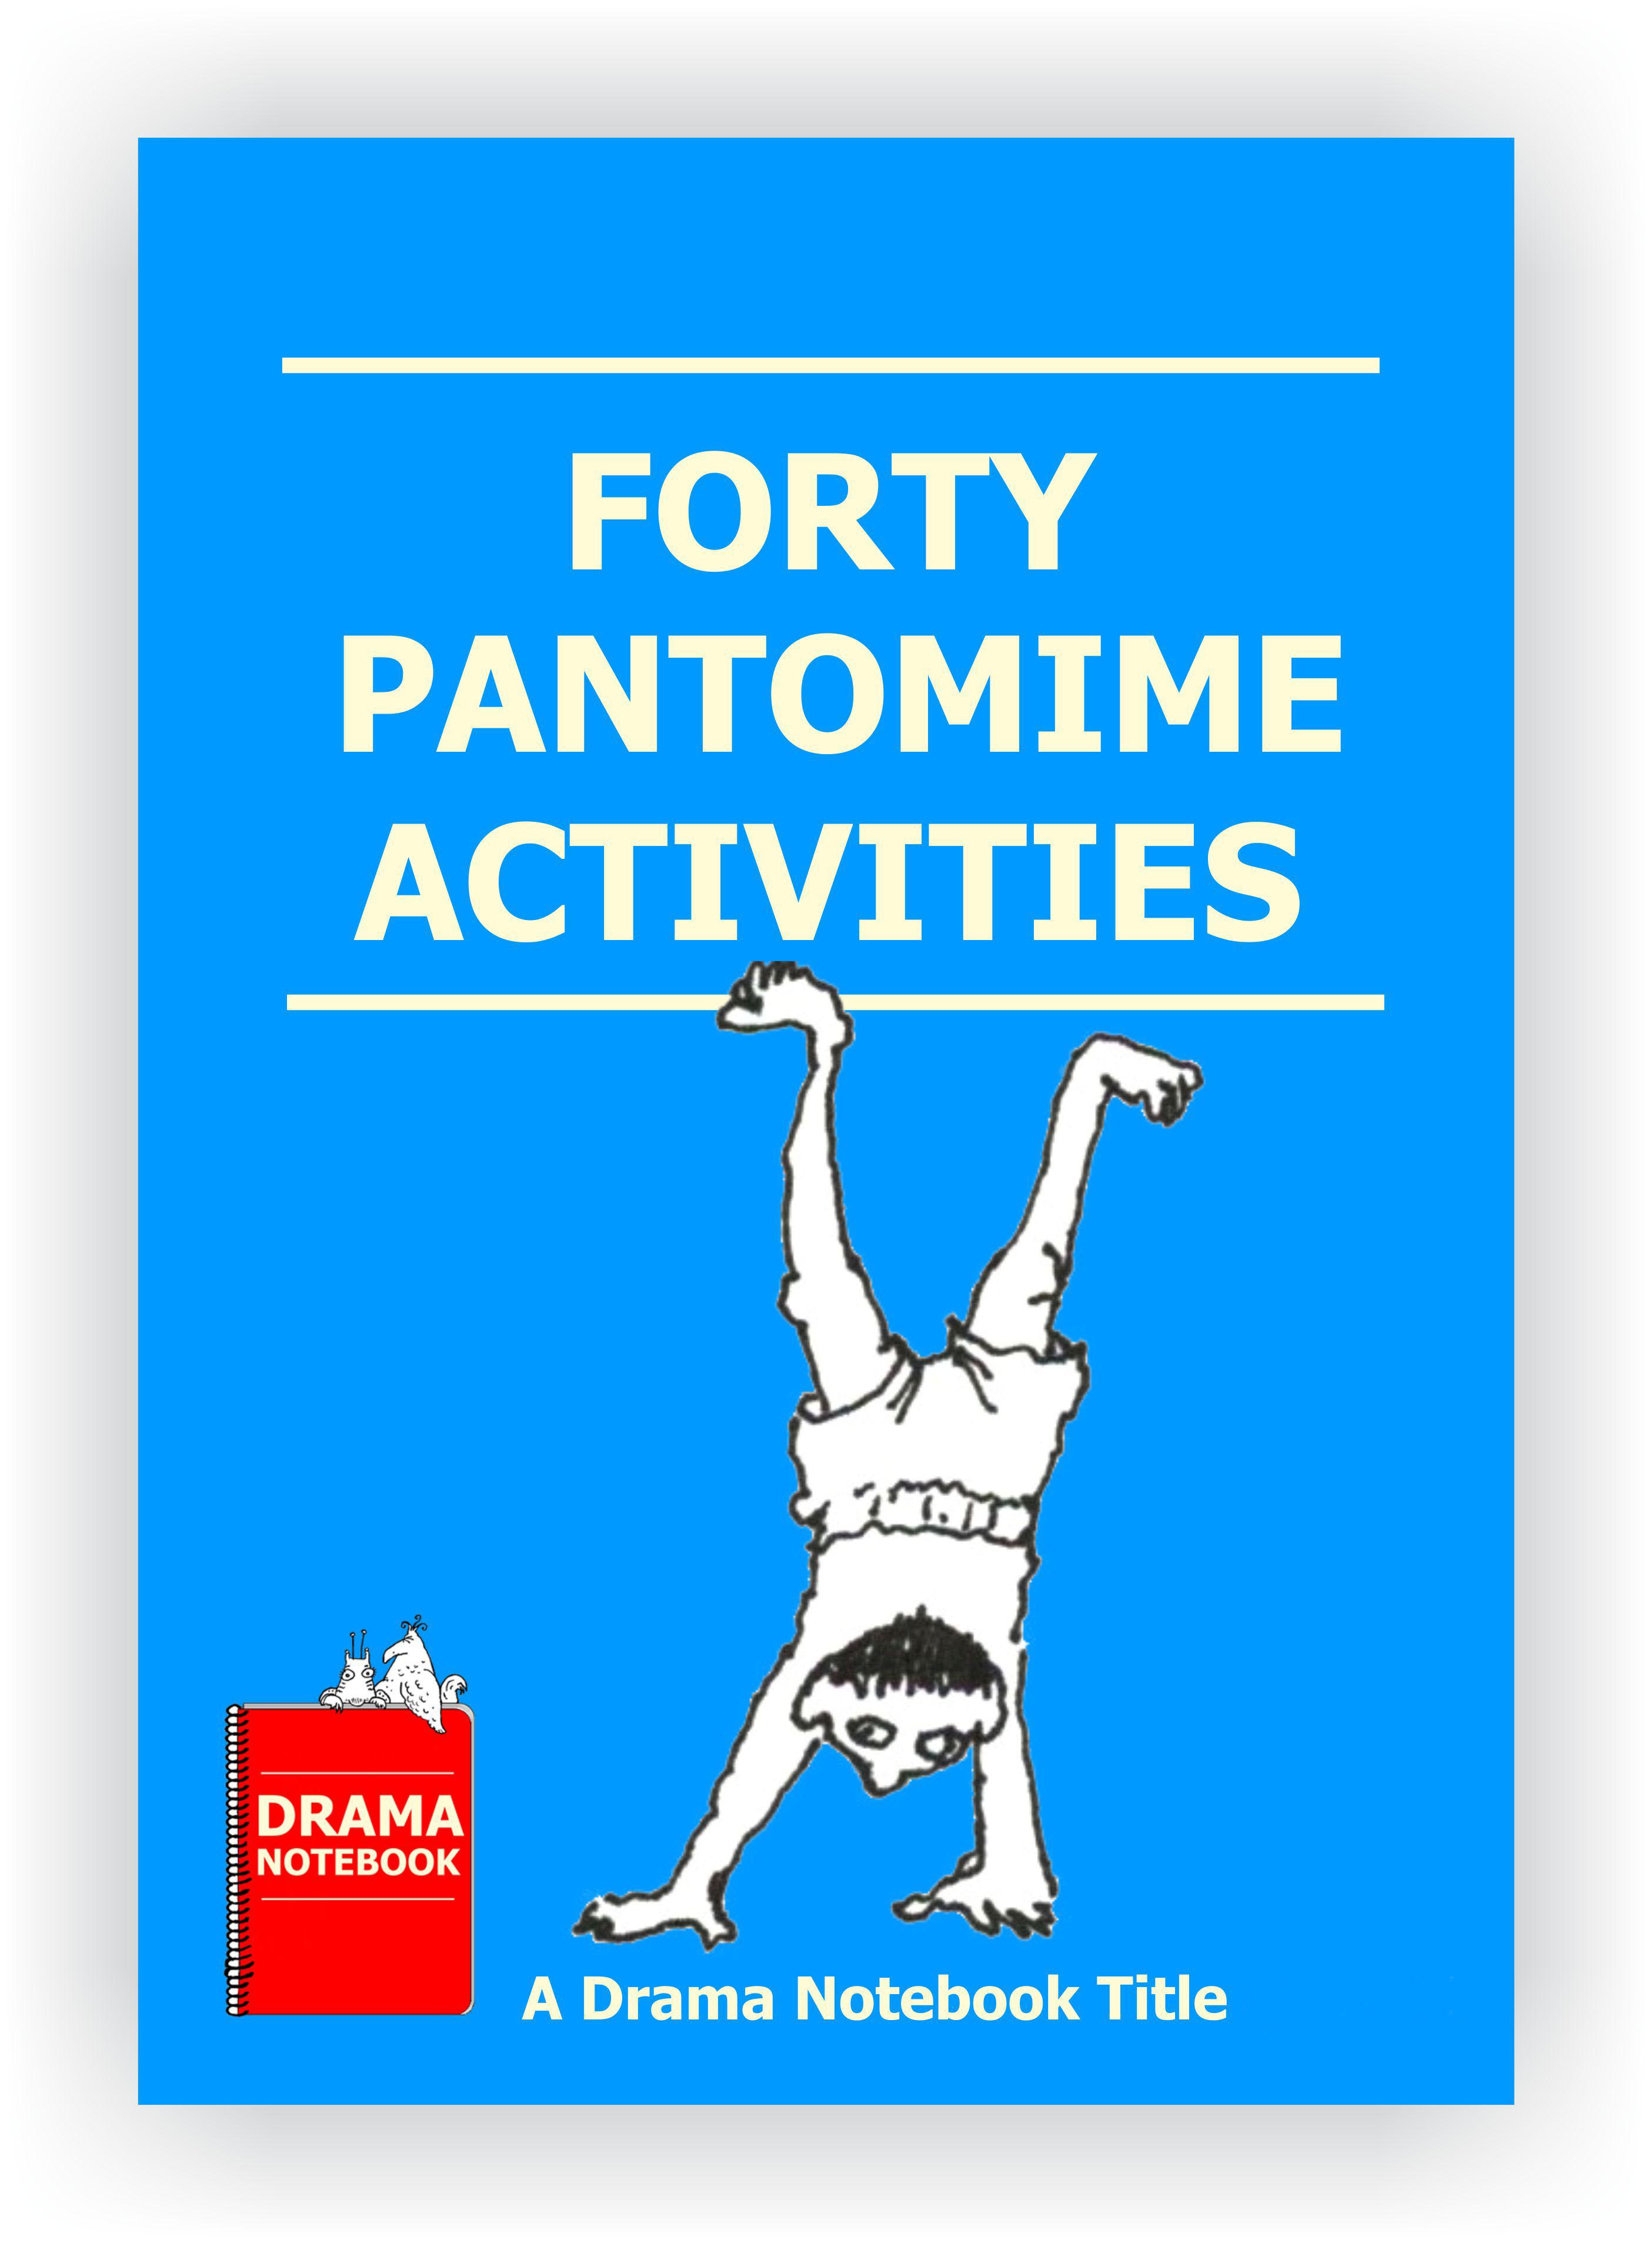 Pantomime Activities for Drama Class